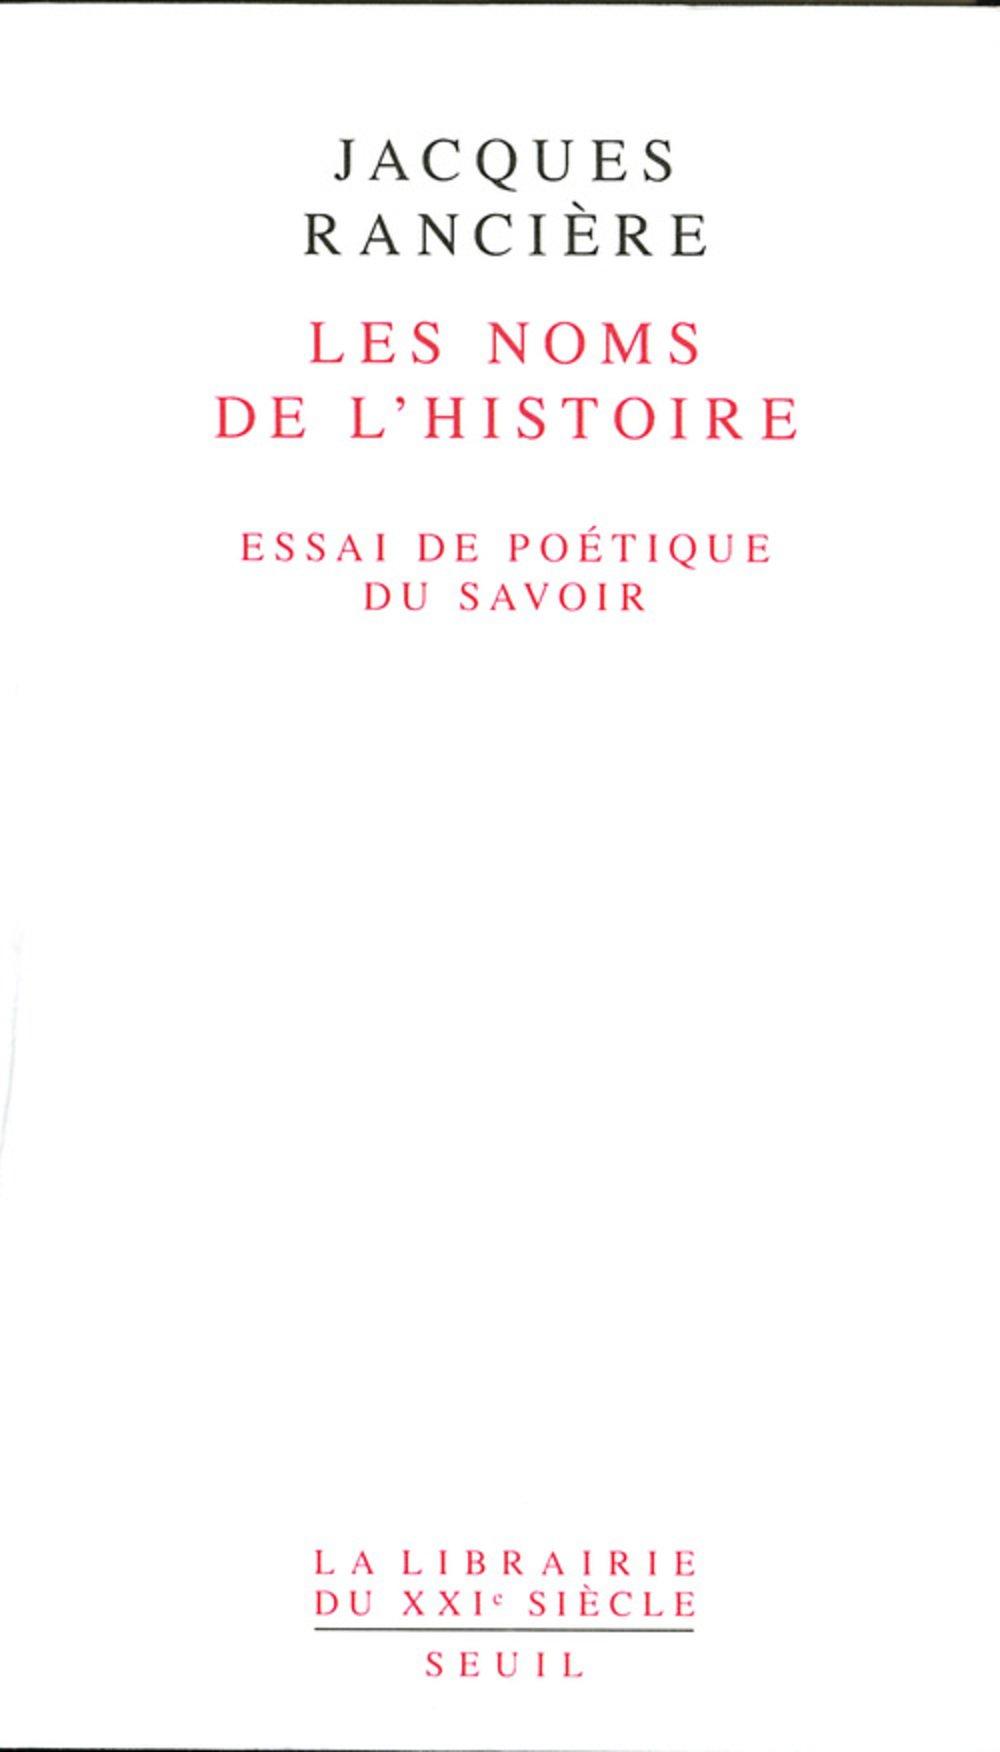 Les Noms de l'Histoire. Essai de poétique du savoir Broché – 13 janvier 1993 Jacques Ranciere Le Seuil 2020200600 9782020200608_DMEDIA_US